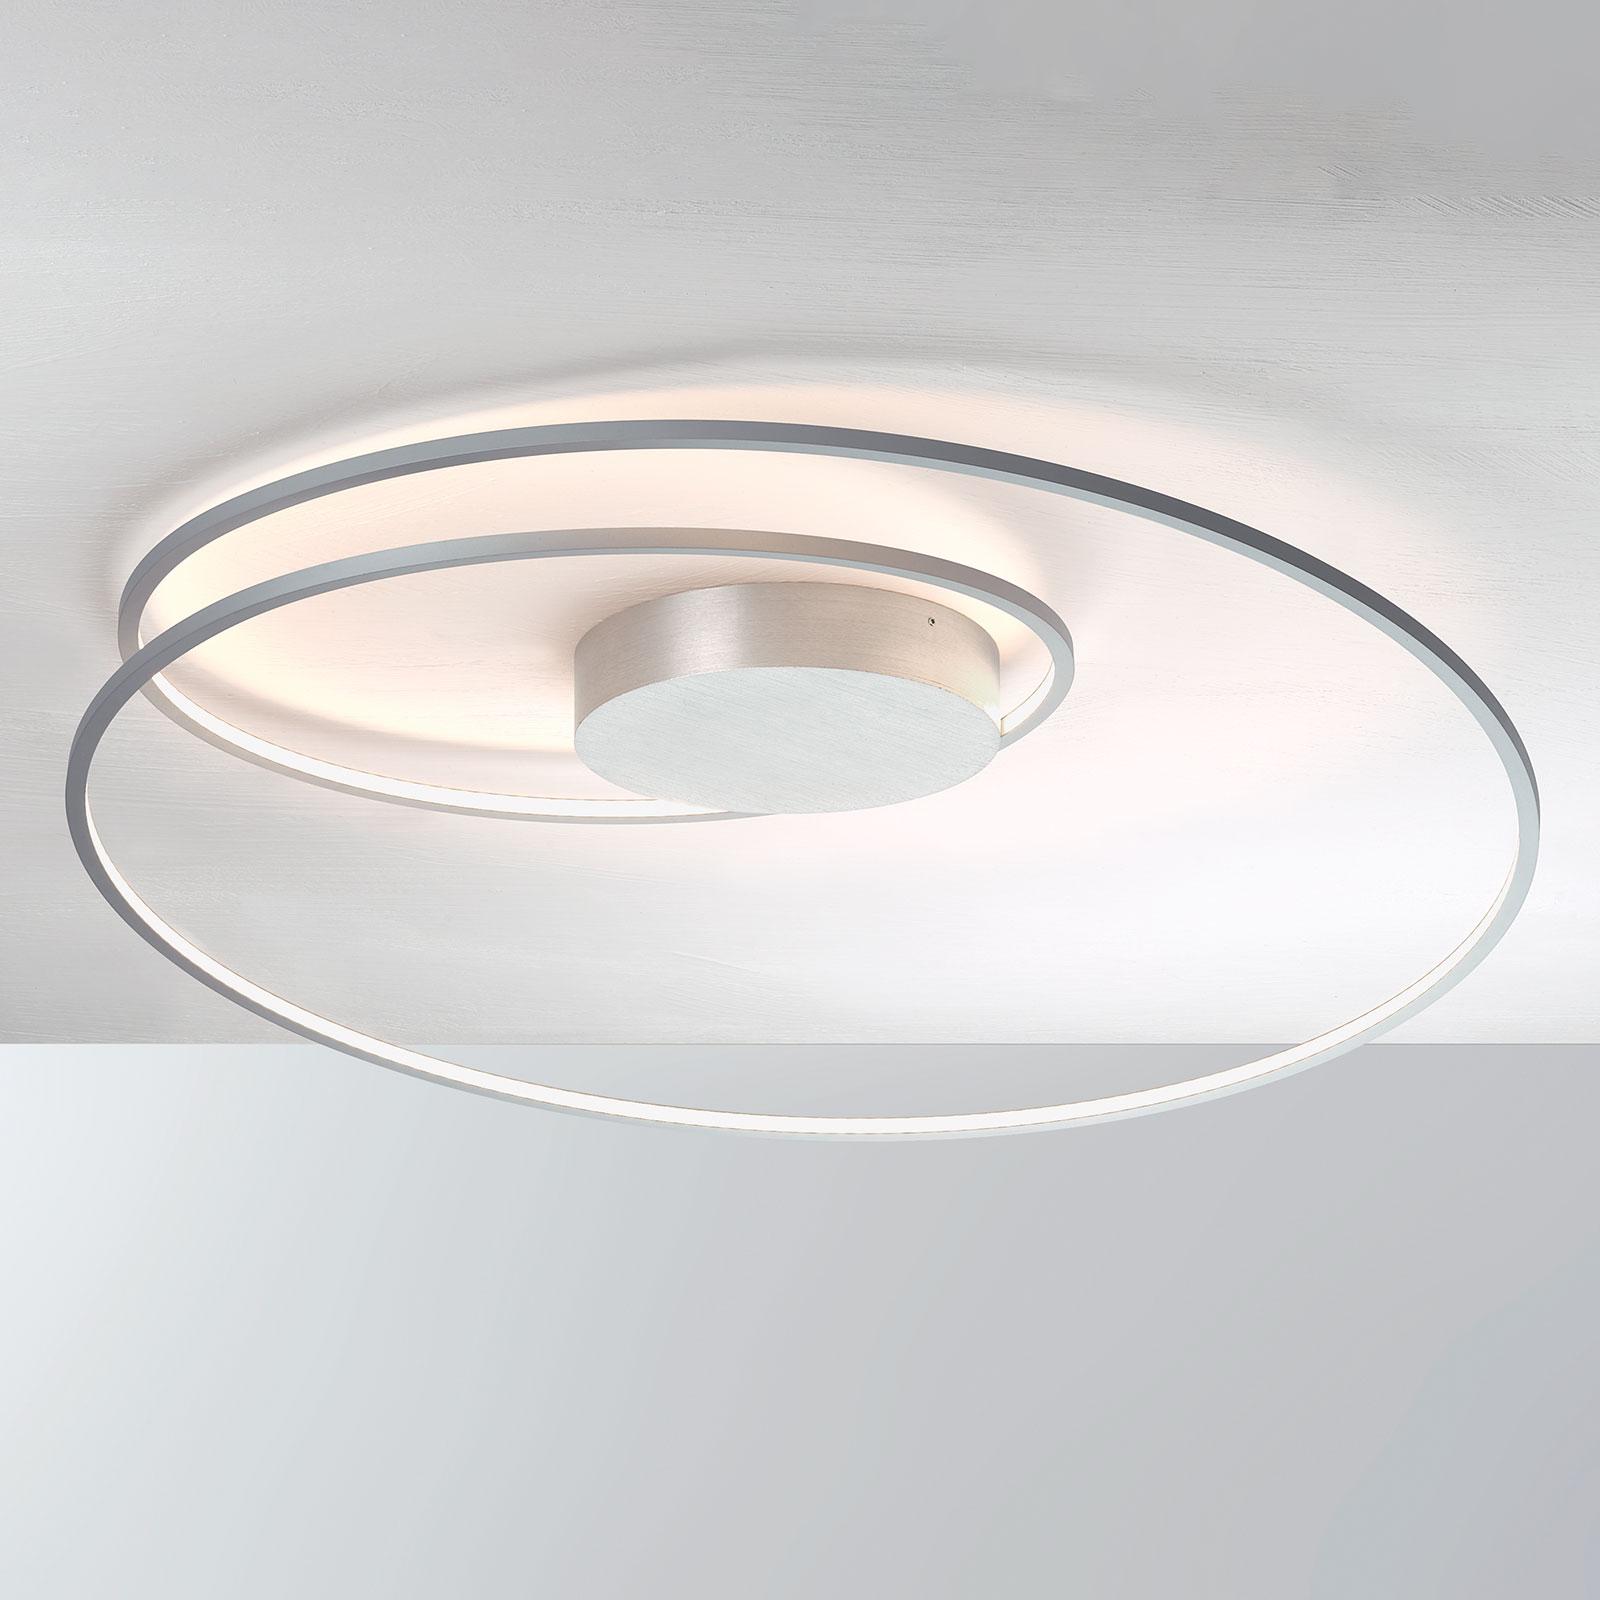 At - en lysstærk LED-loftslampe